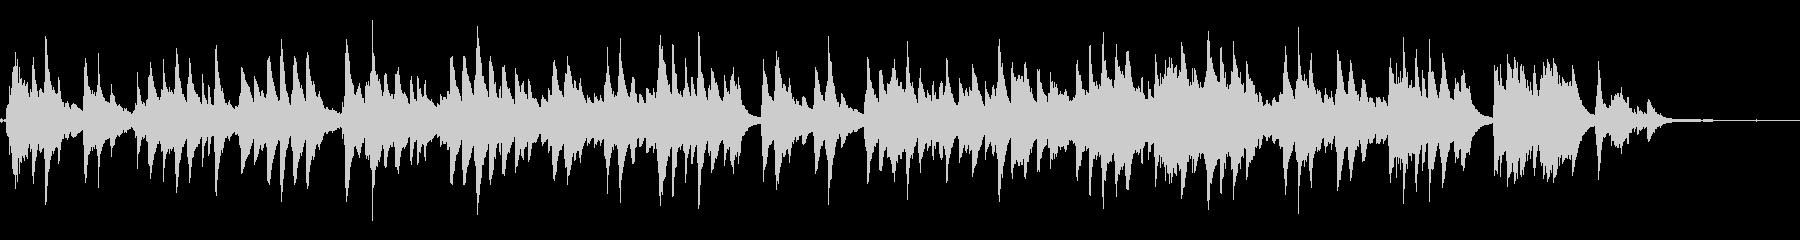 童謡「さくらさくら」をピアノソロでの未再生の波形